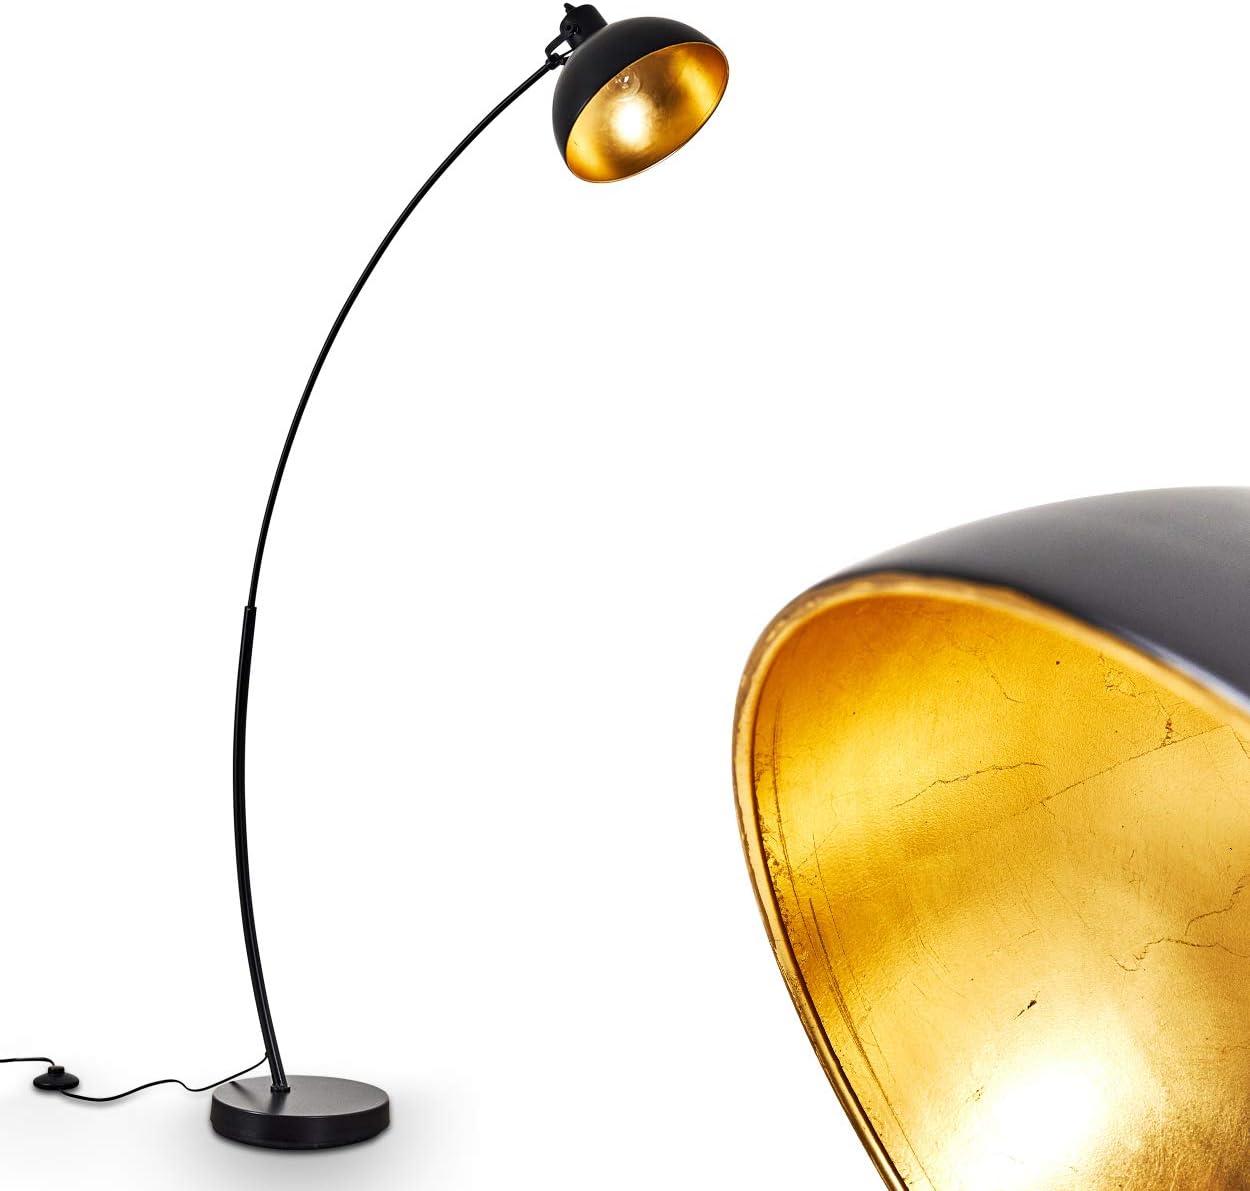 Stehlampe Parola Vintage Stehleuchte Mit Lampenschirm In Gold